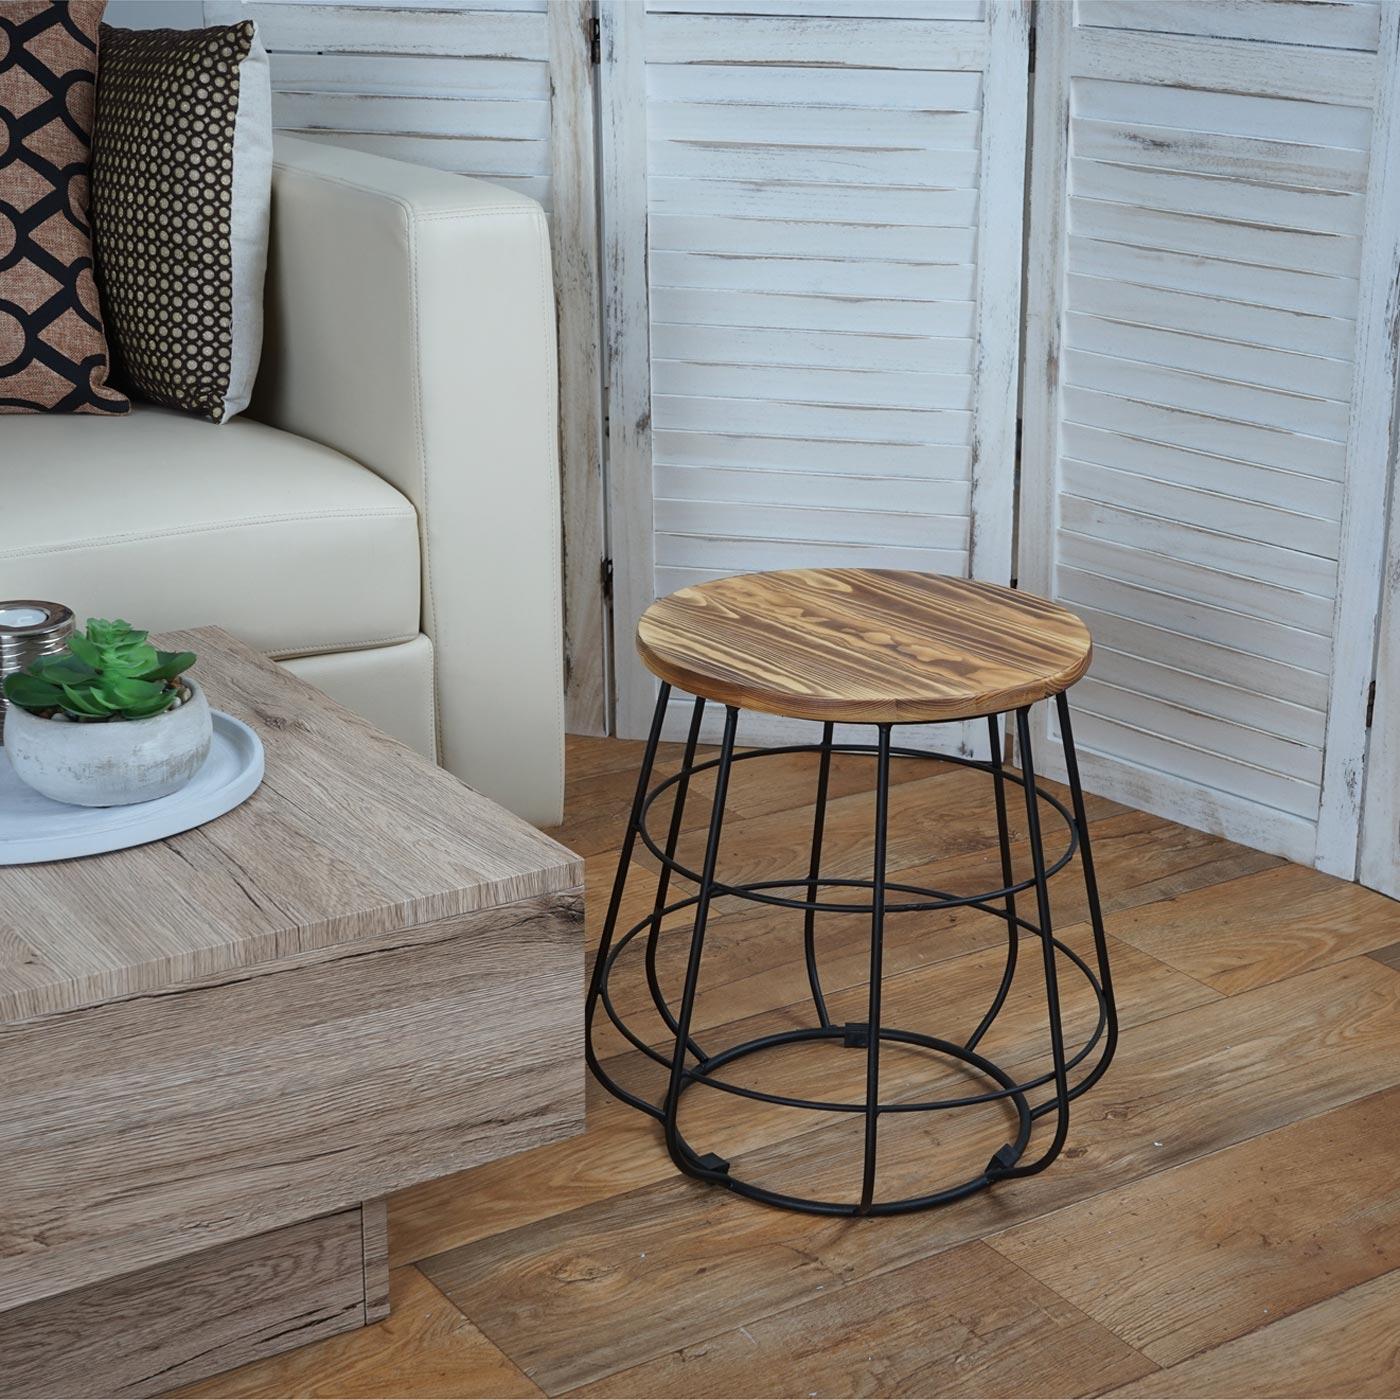 Sitzhocker mit Stauraum MCW-A80, Hocker Aufbewahrung, Industriedesign Echtholz Ø35cm